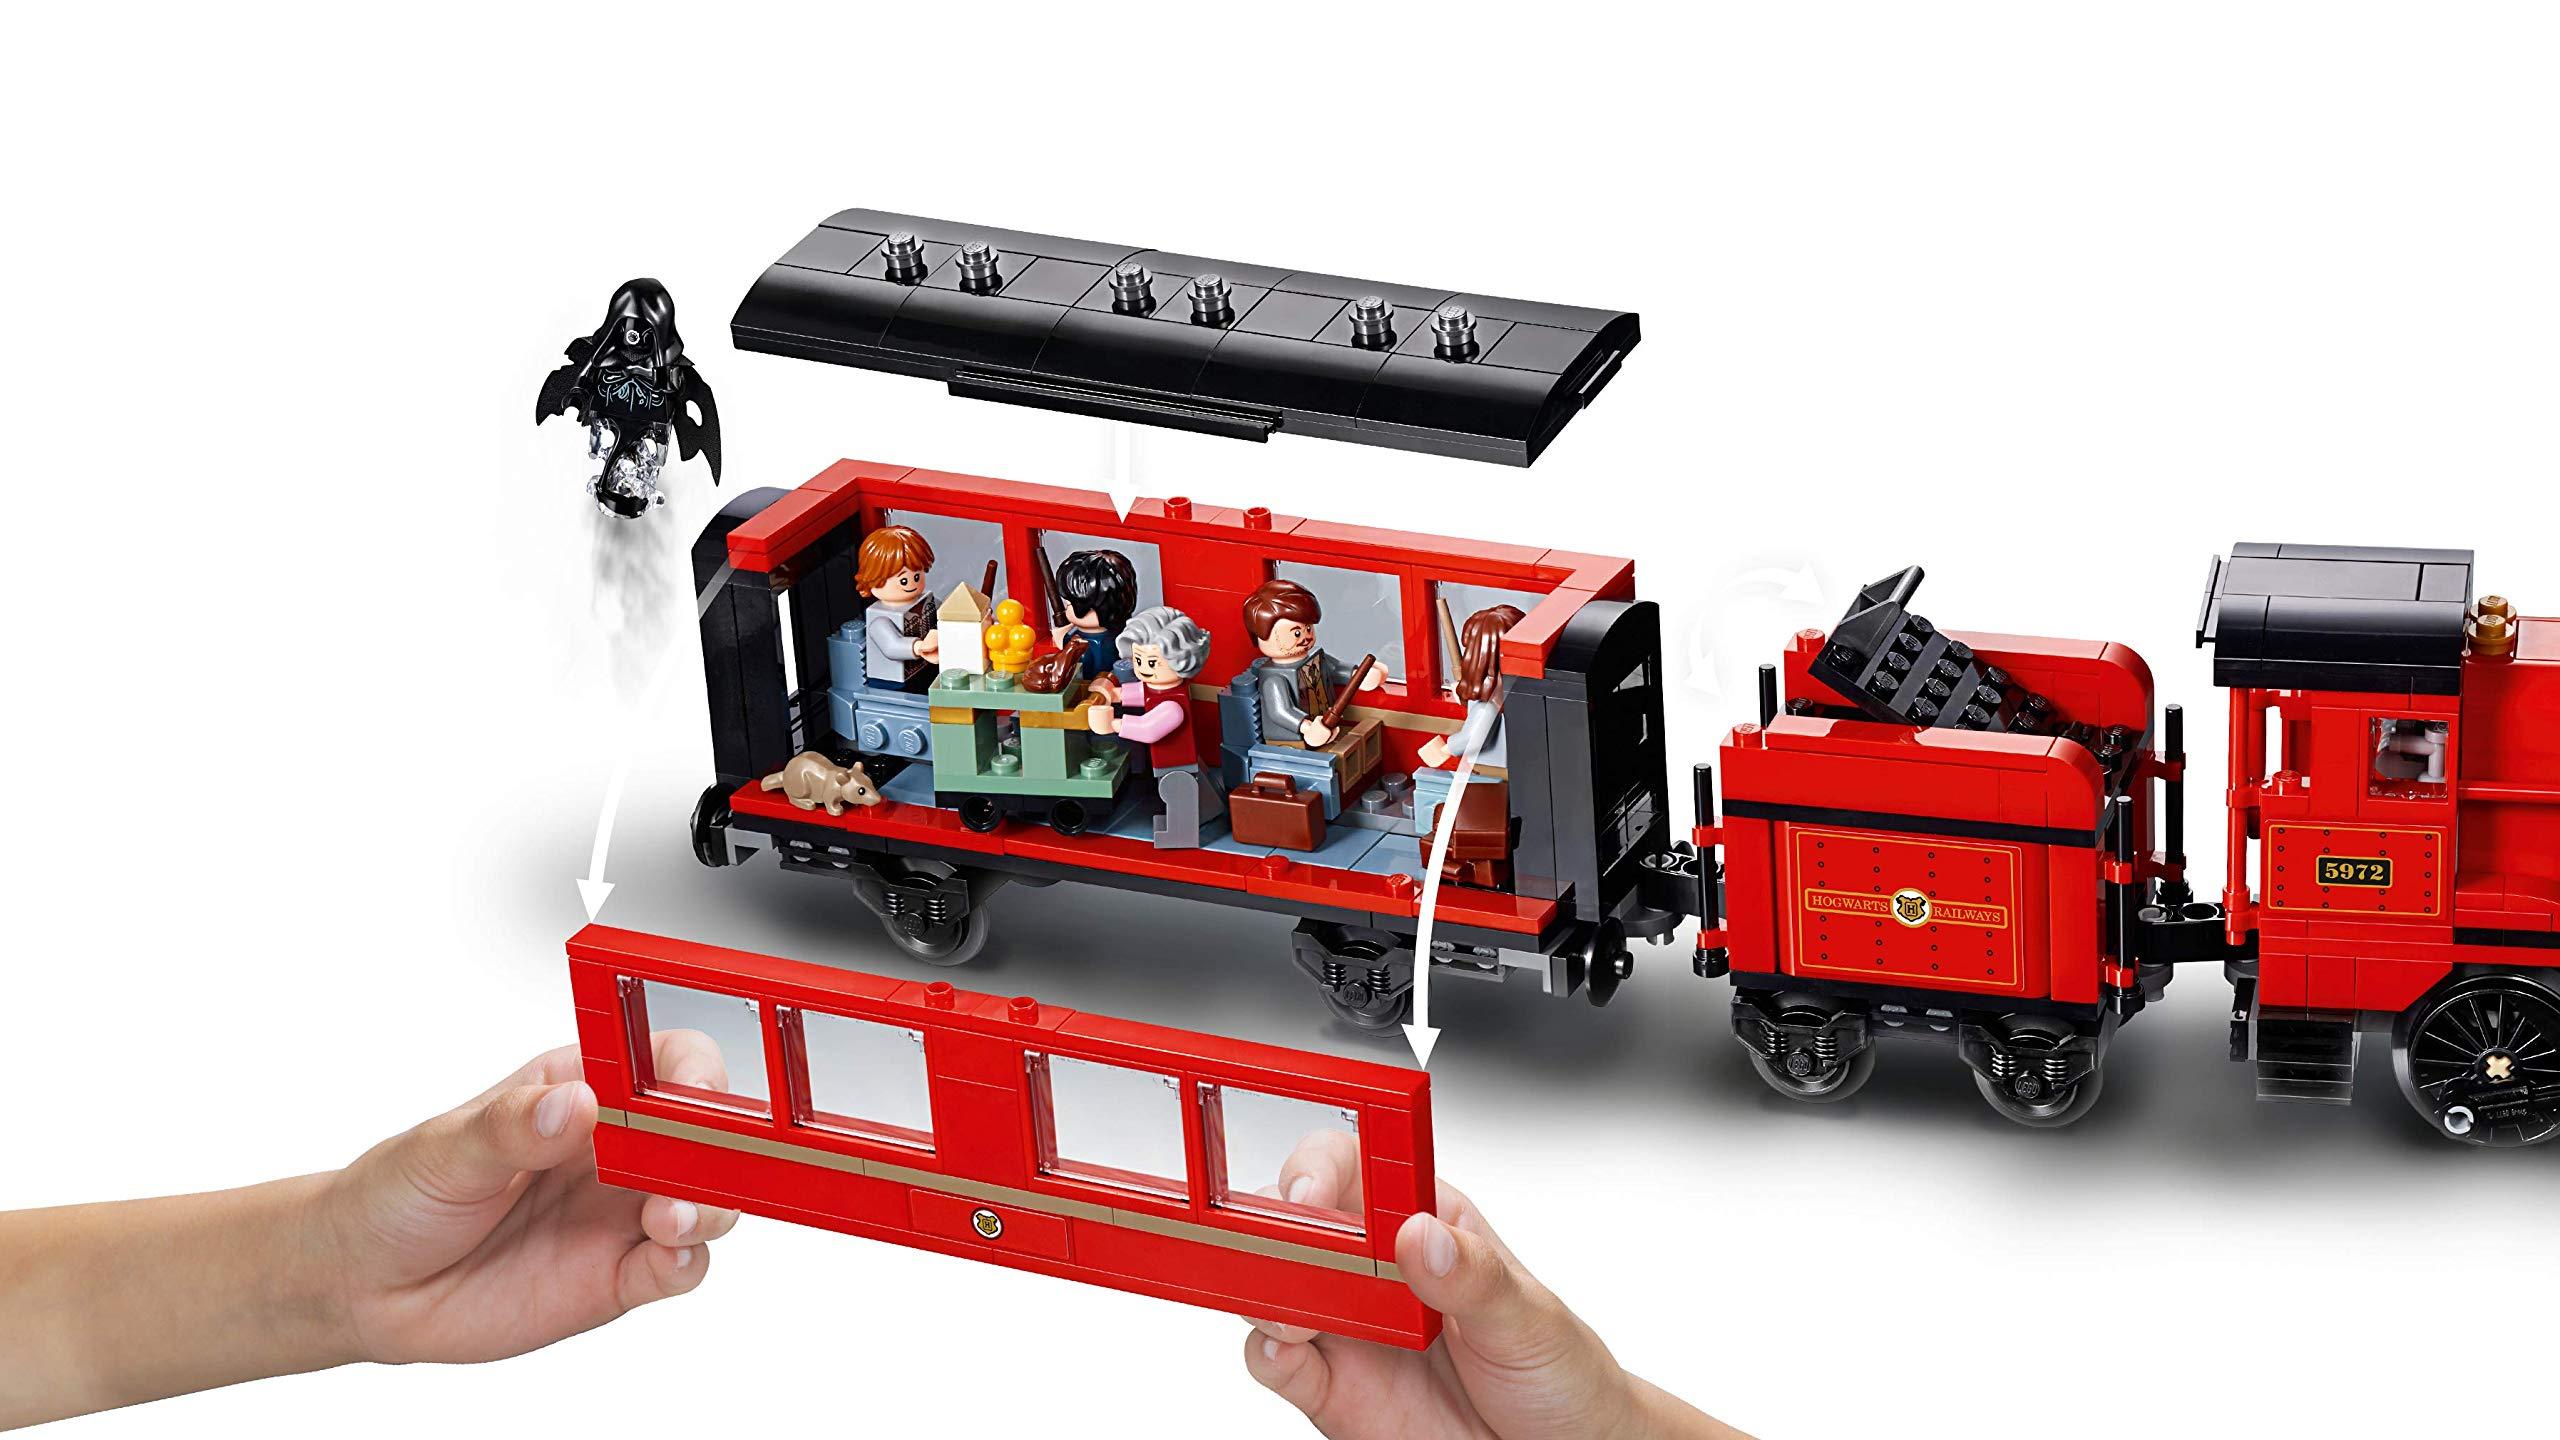 LEGO HarryPotter EspressoperHogwarts, Giocattolo eIdea Regalo per gli Amanti del Mondo della Magia,Set di Costruzione per Ragazzi, 75955 3 spesavip